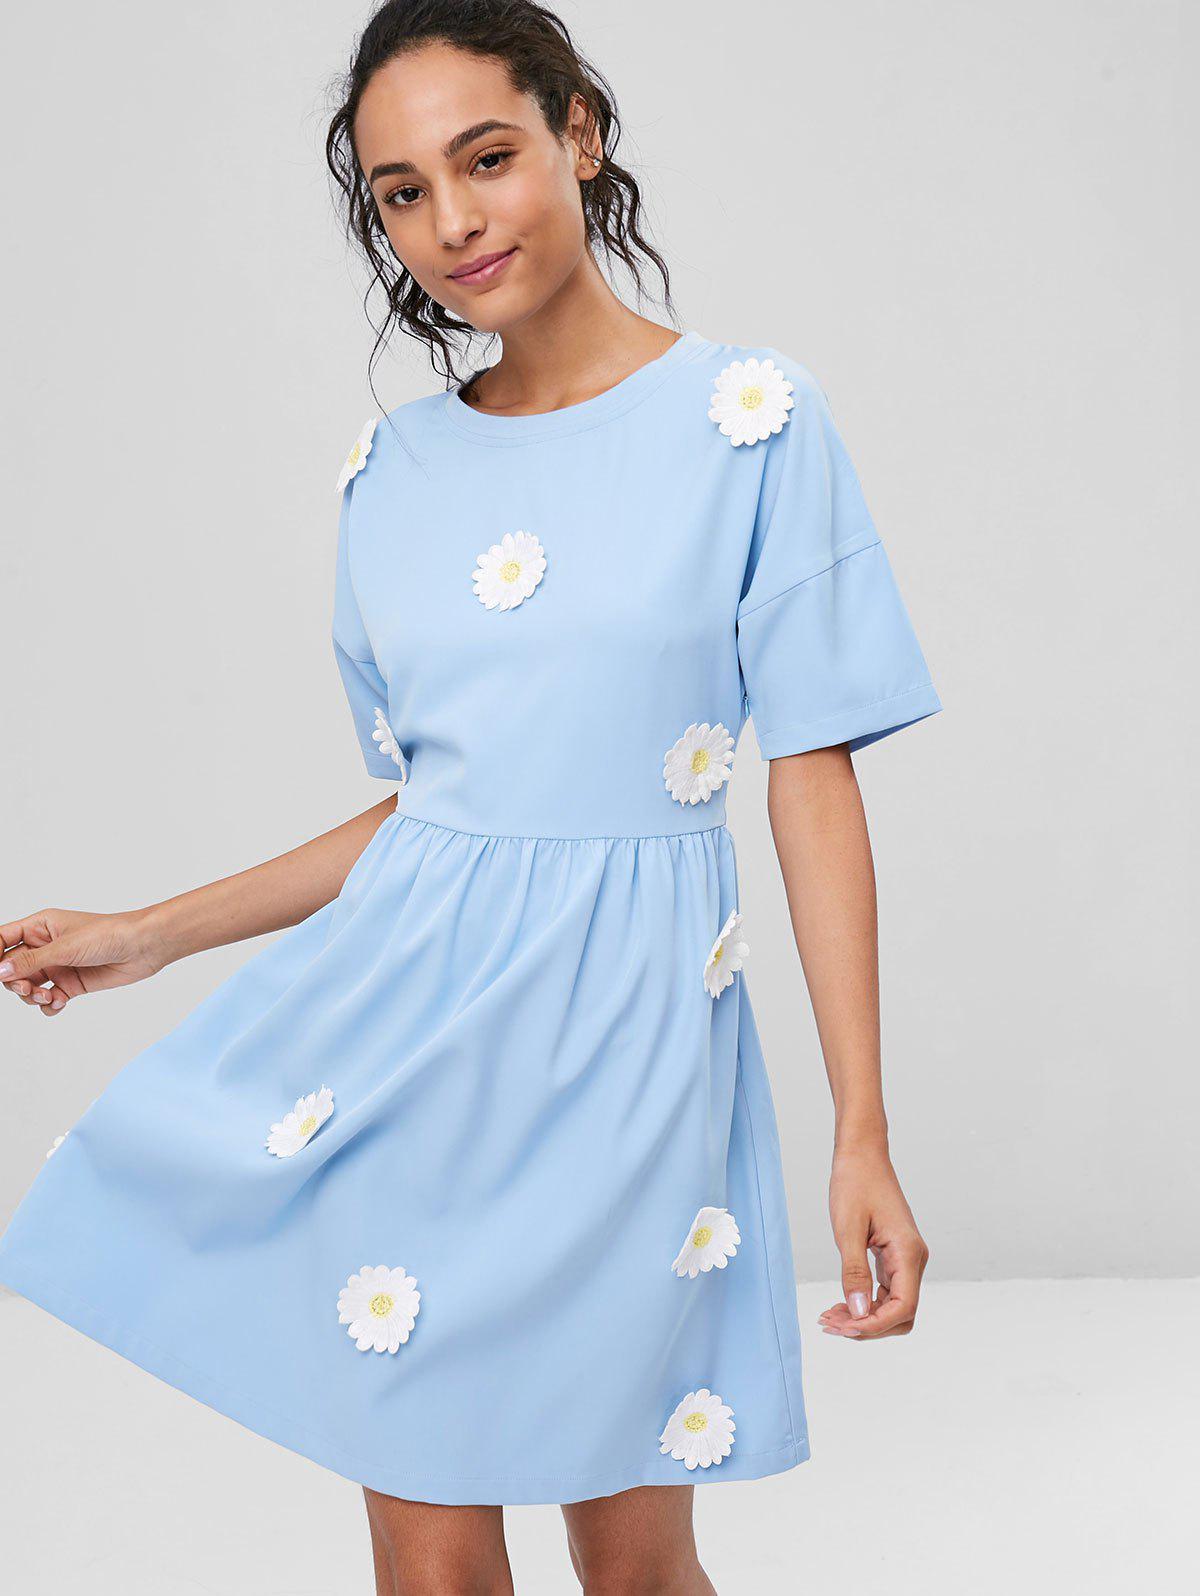 Floral Applique A Line Casual Dress